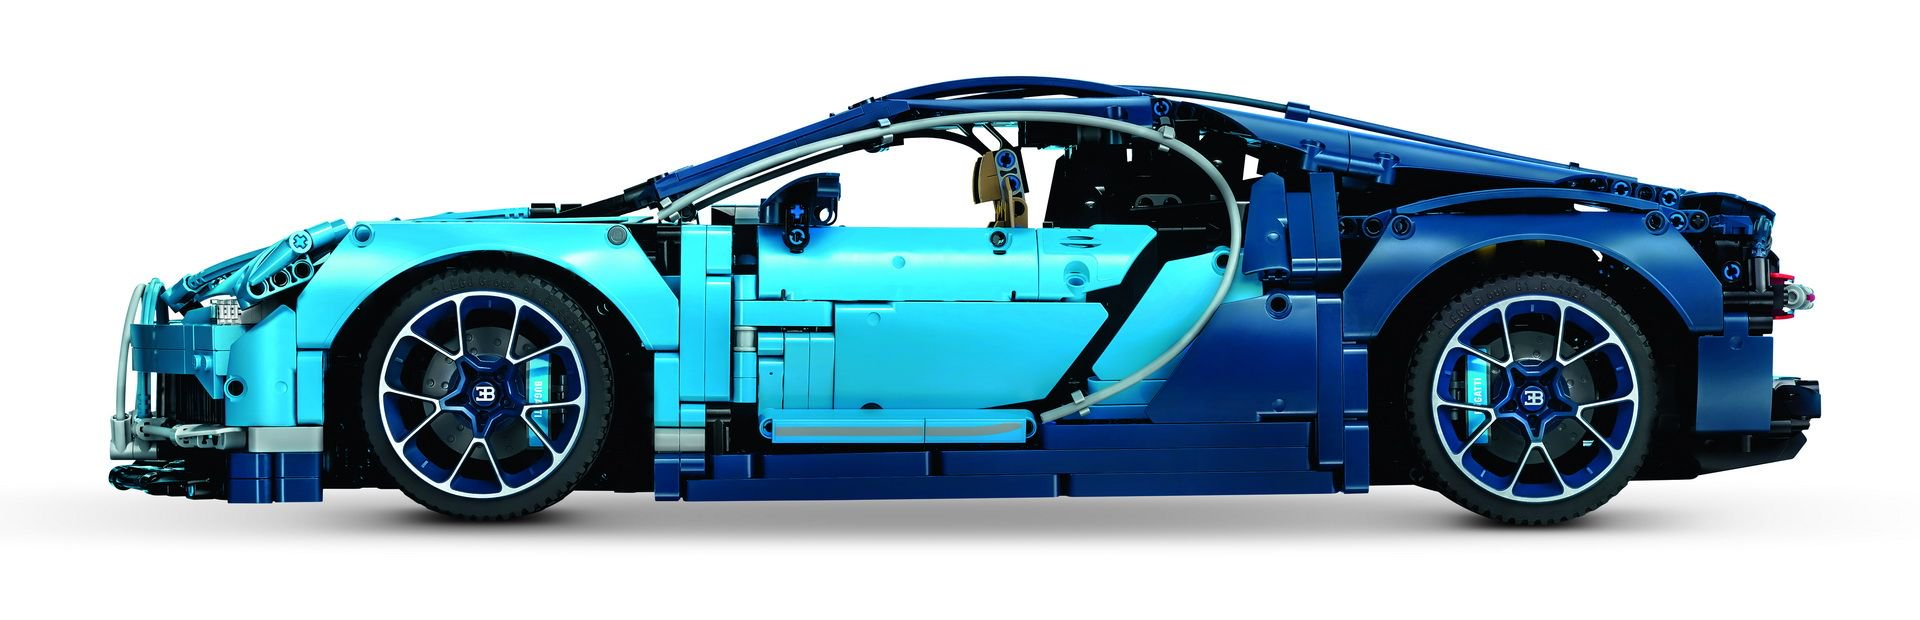 bugatti-chiron-lego-technic-1